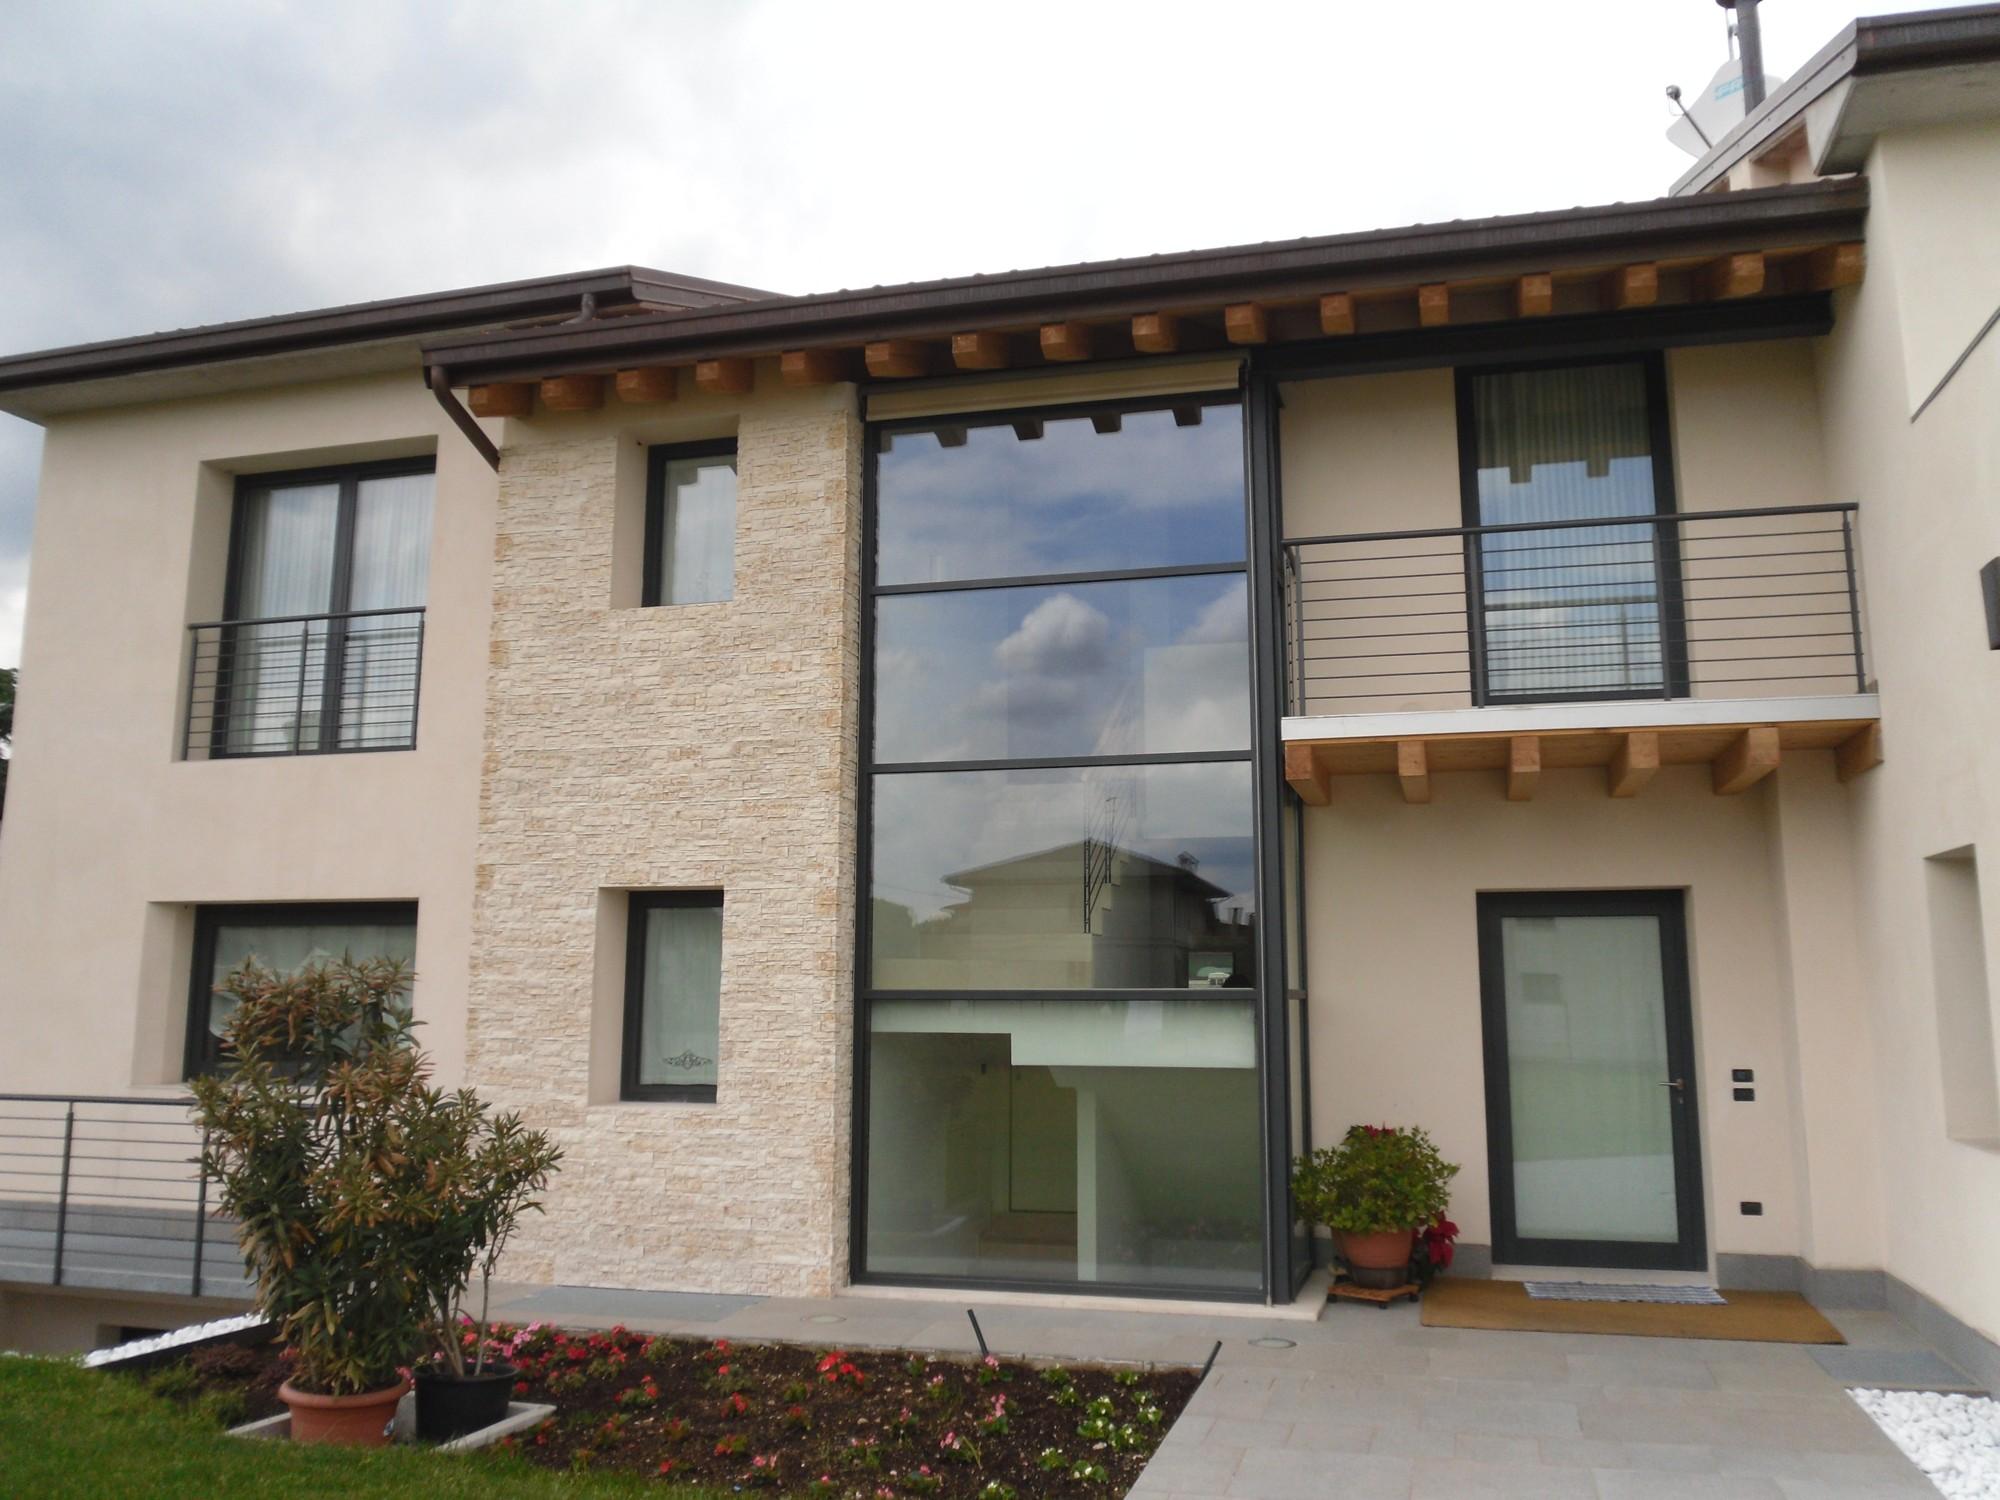 Serramenti in alluminio - Profili per finestre ...